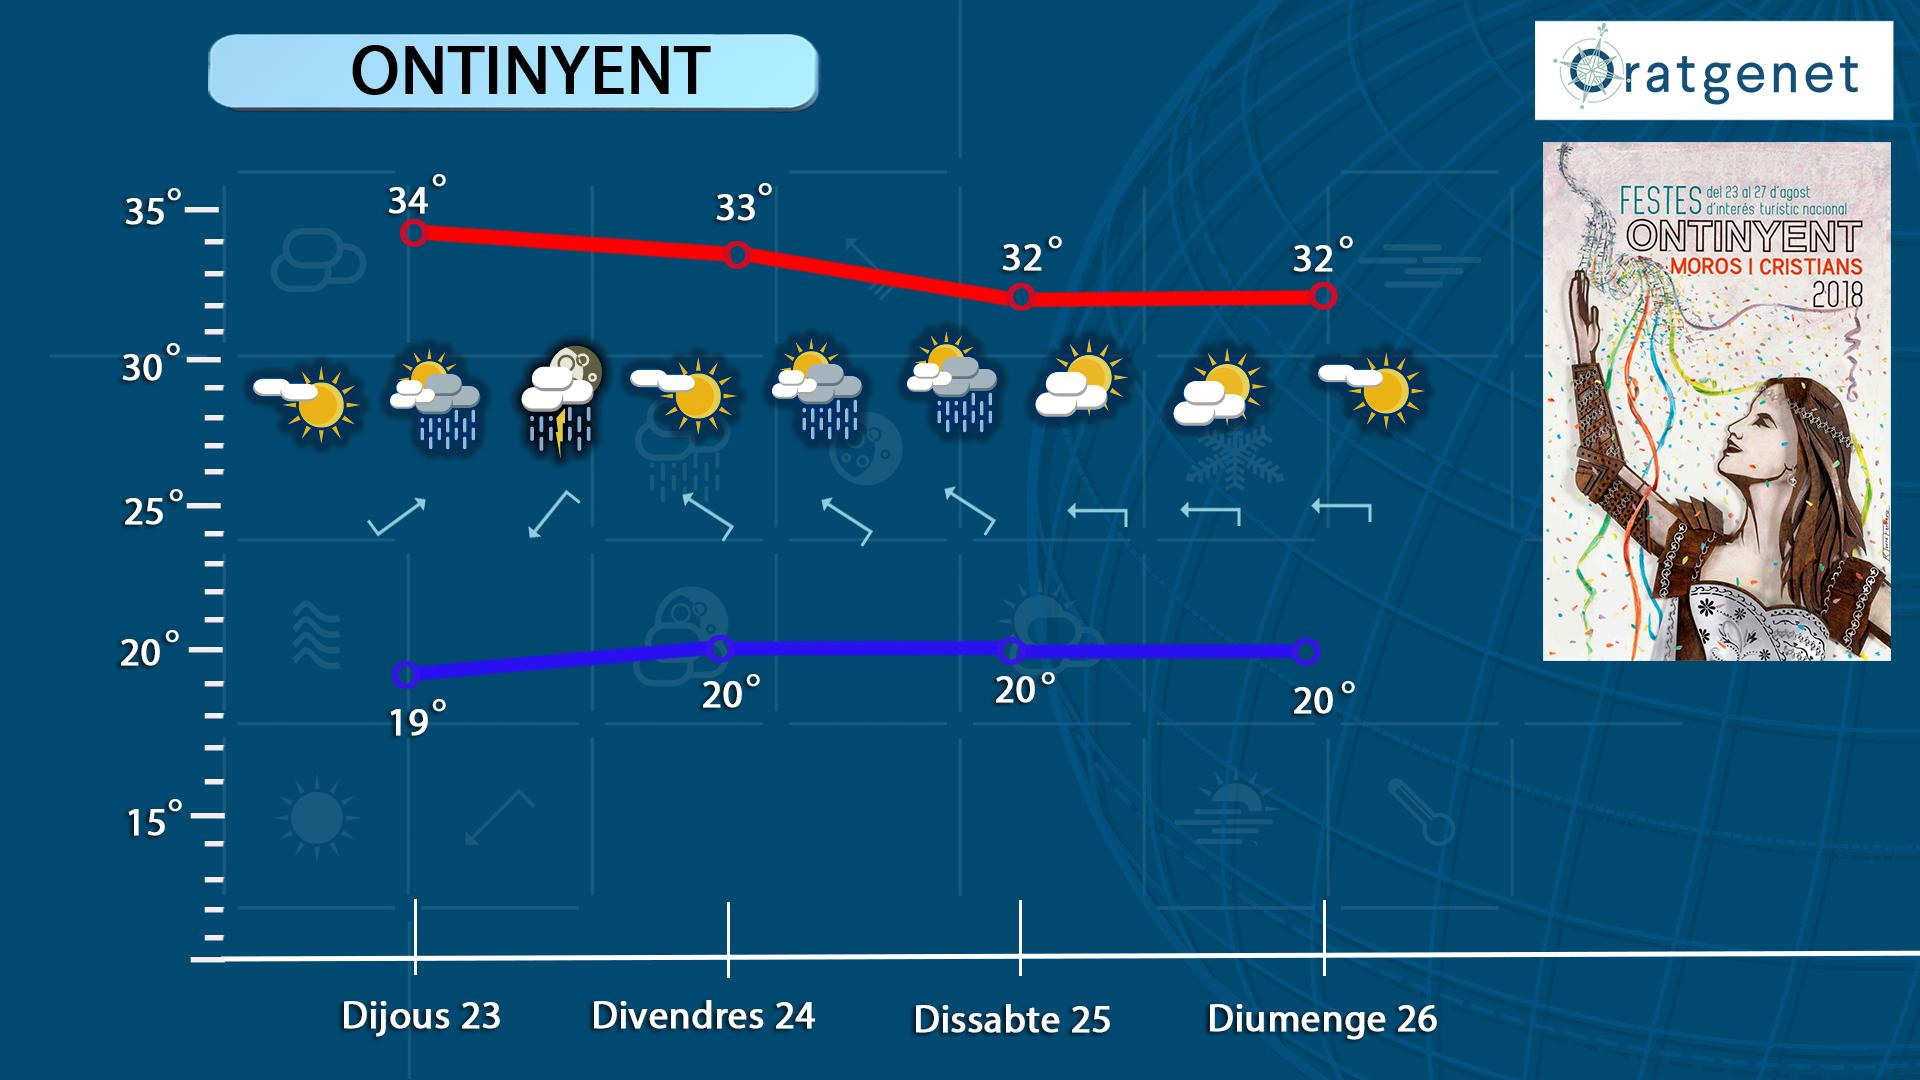 L'oratge en Festes: possibilitat de tronades i temperatures a l'alça El Periòdic d'Ontinyent - Noticies a Ontinyent